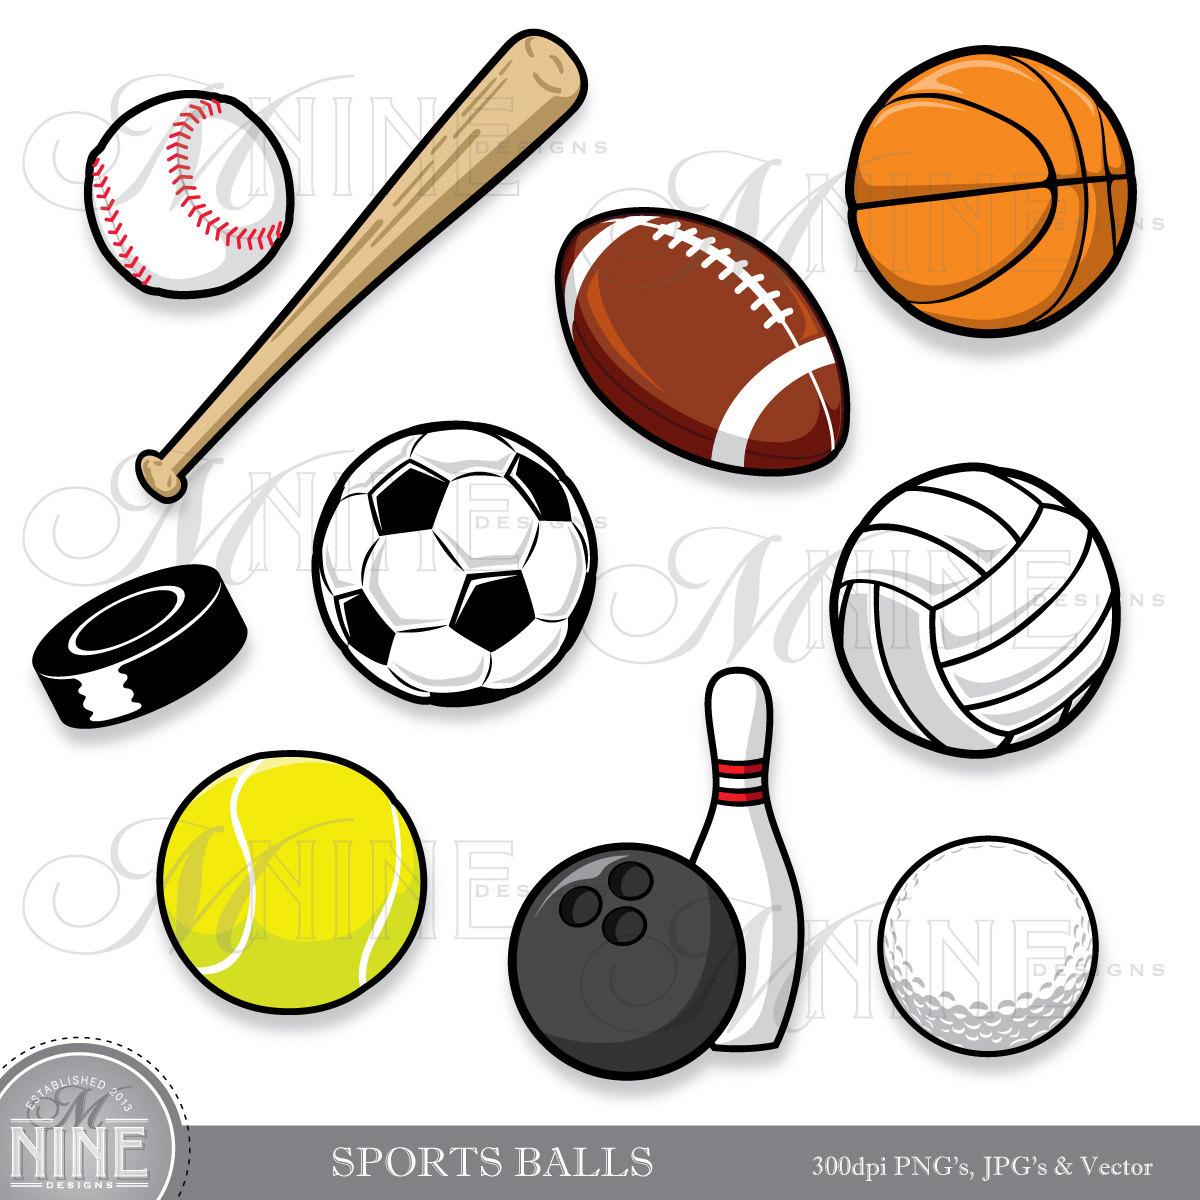 SPORTS BALLS Clip Art: Clipart.